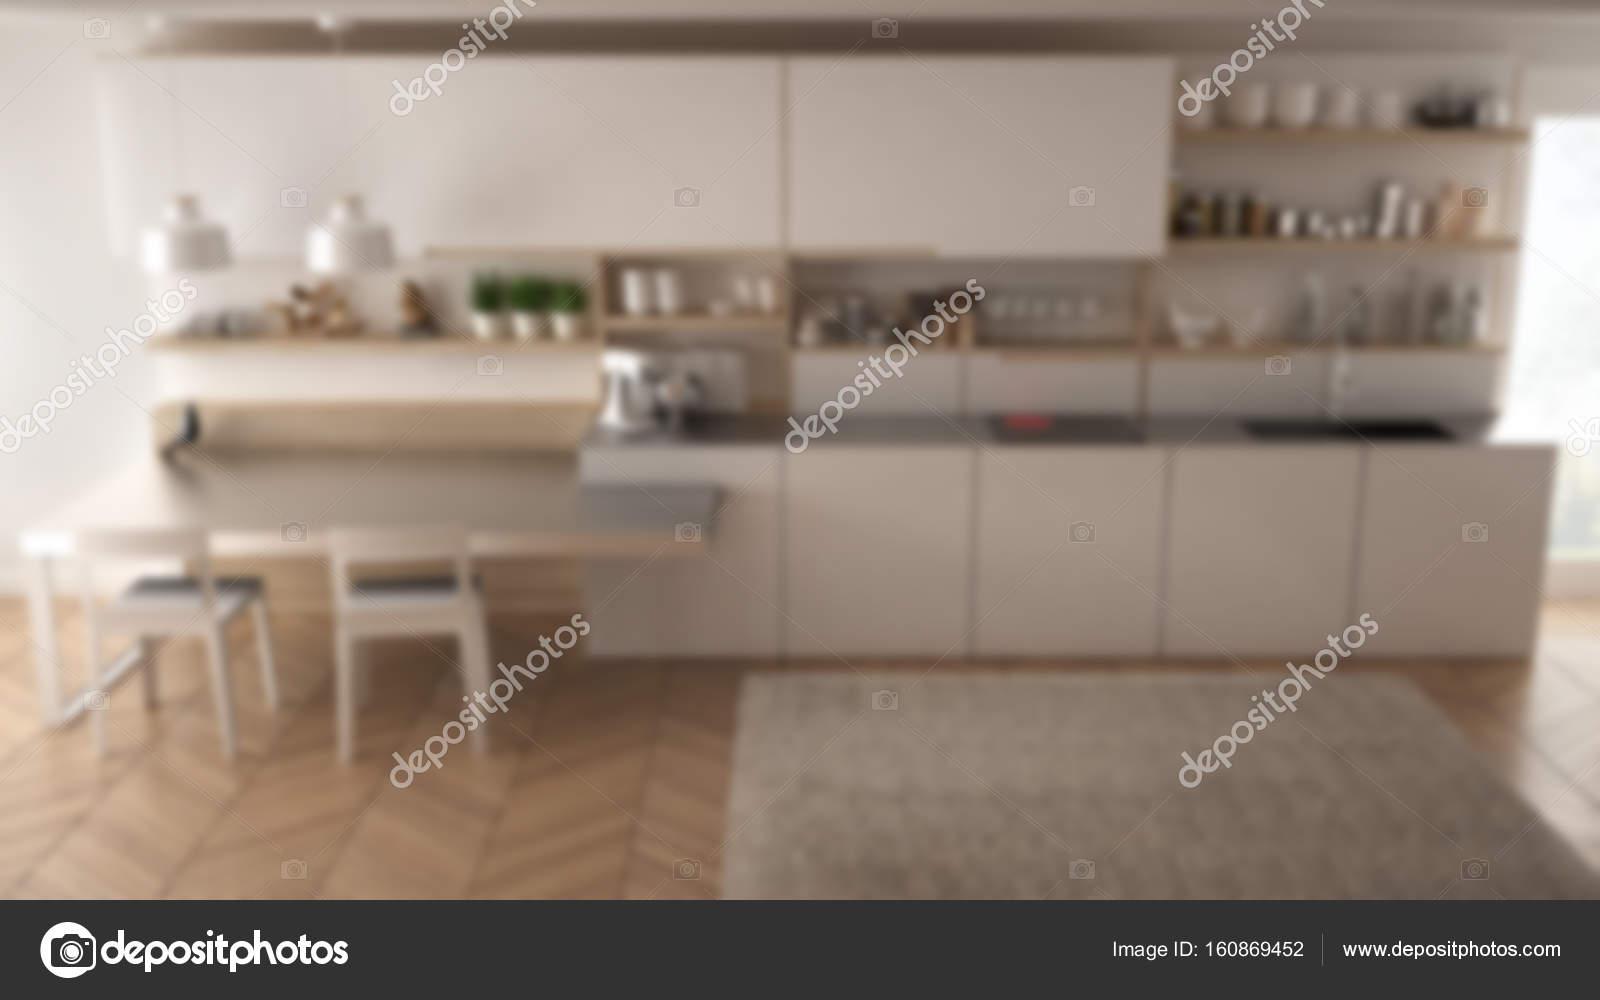 Modern Interieur Wit : Blur background interior design minimalistic modern kitchen wit